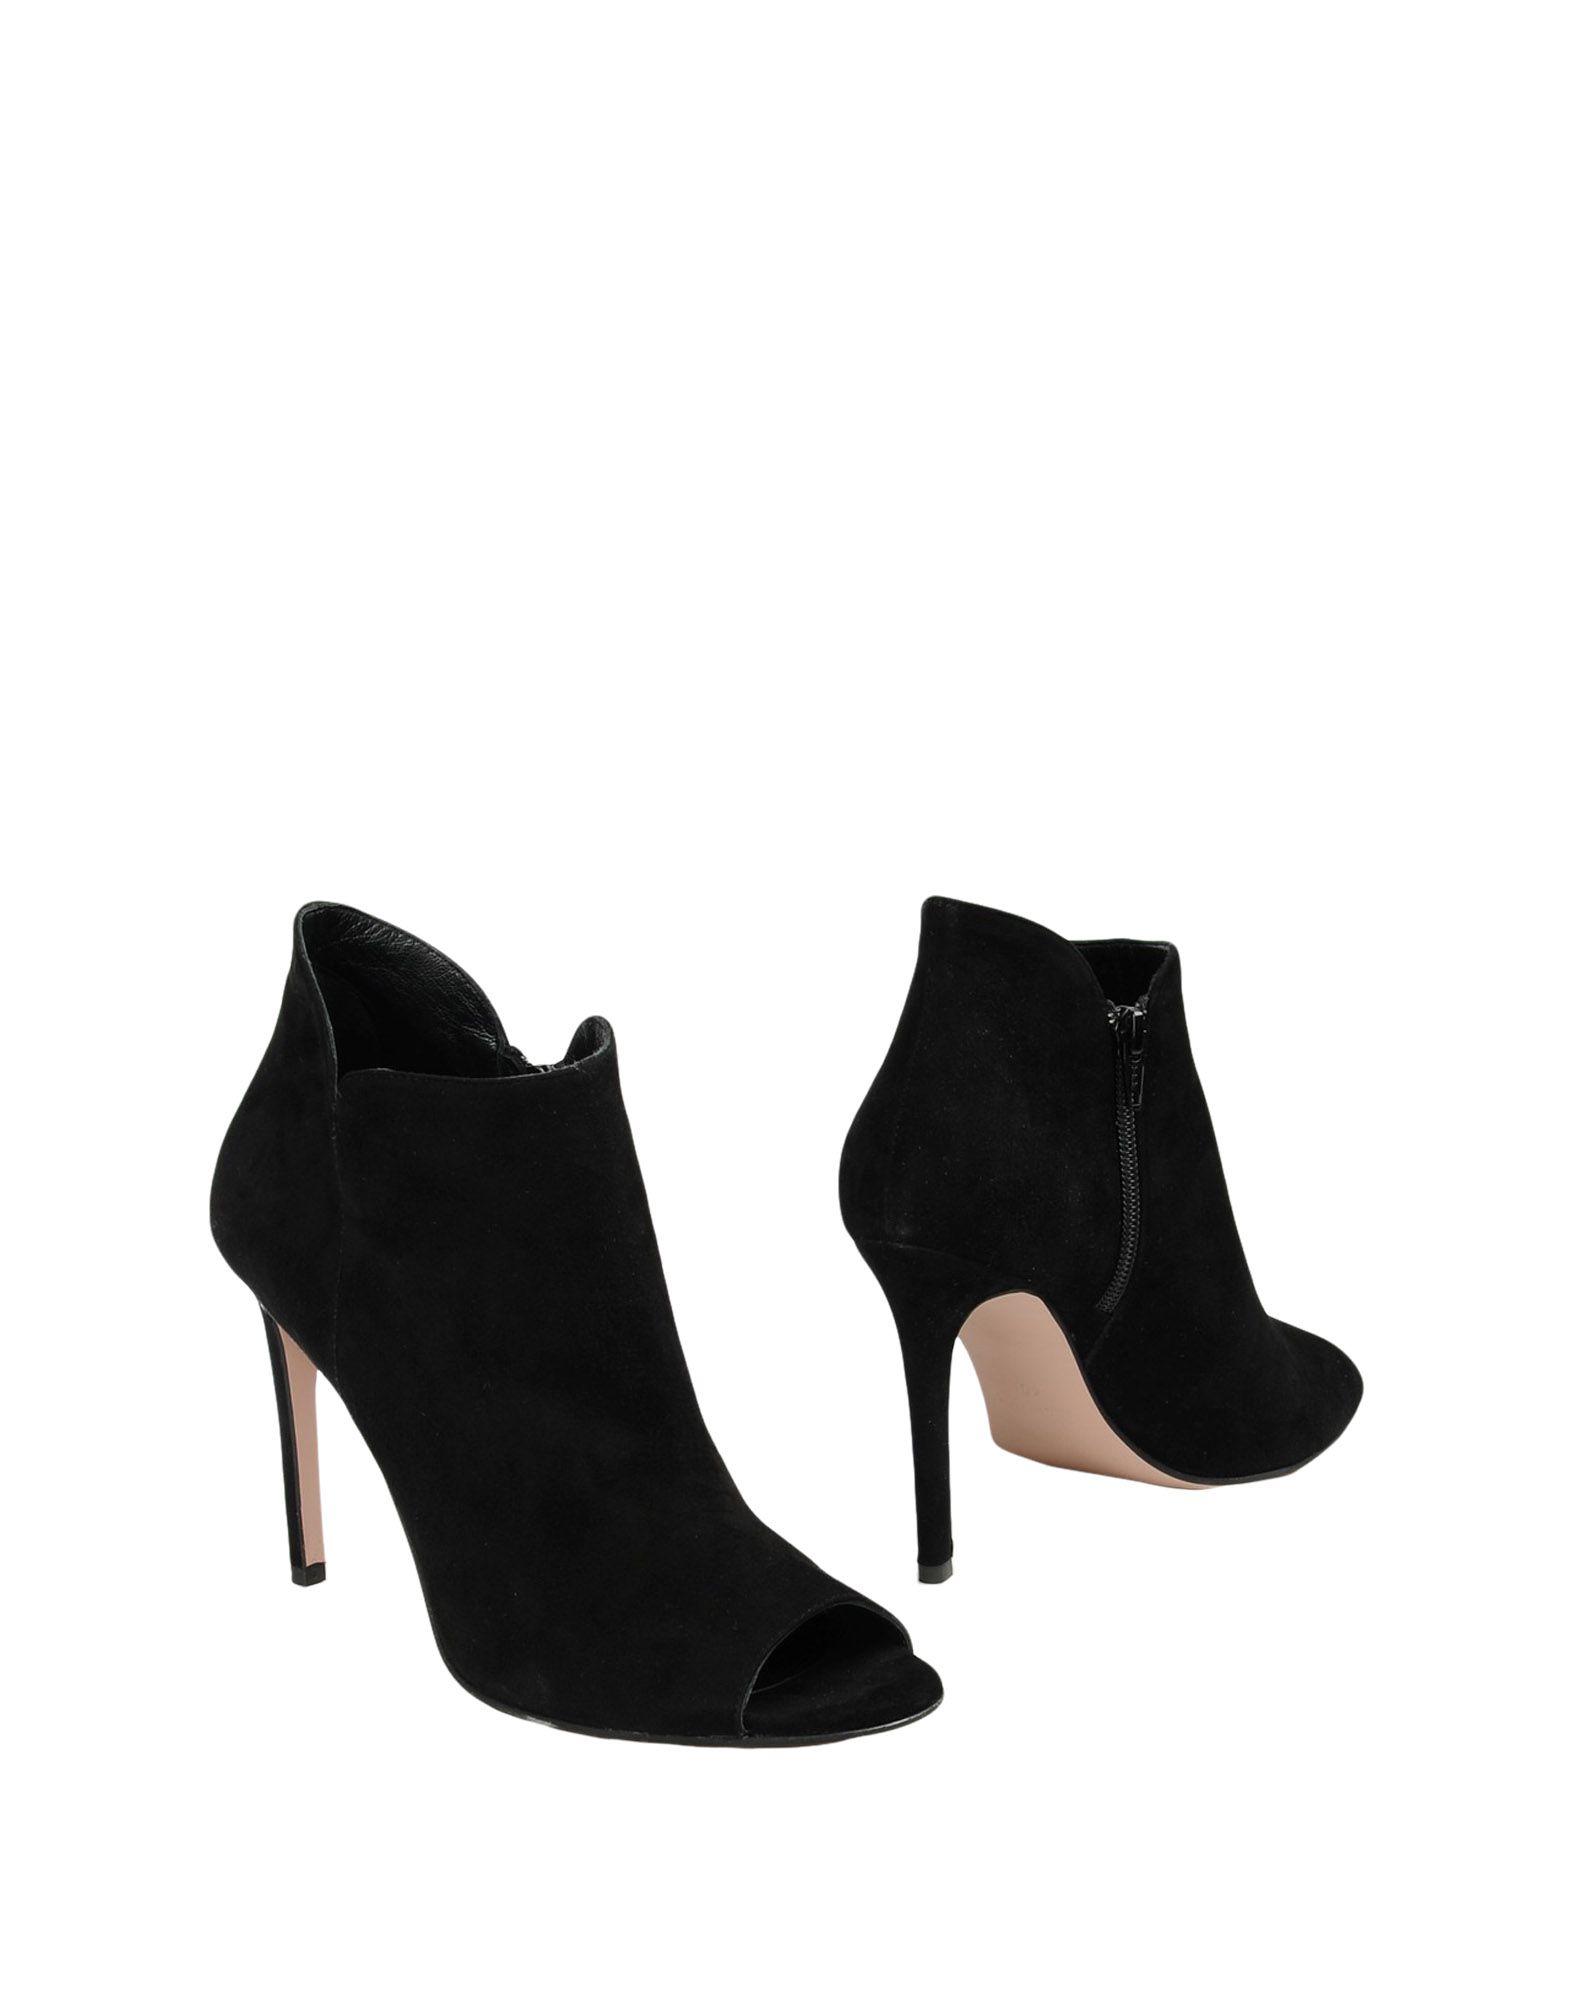 8 Stiefelette Damen  11423025FU Gute Qualität beliebte Schuhe